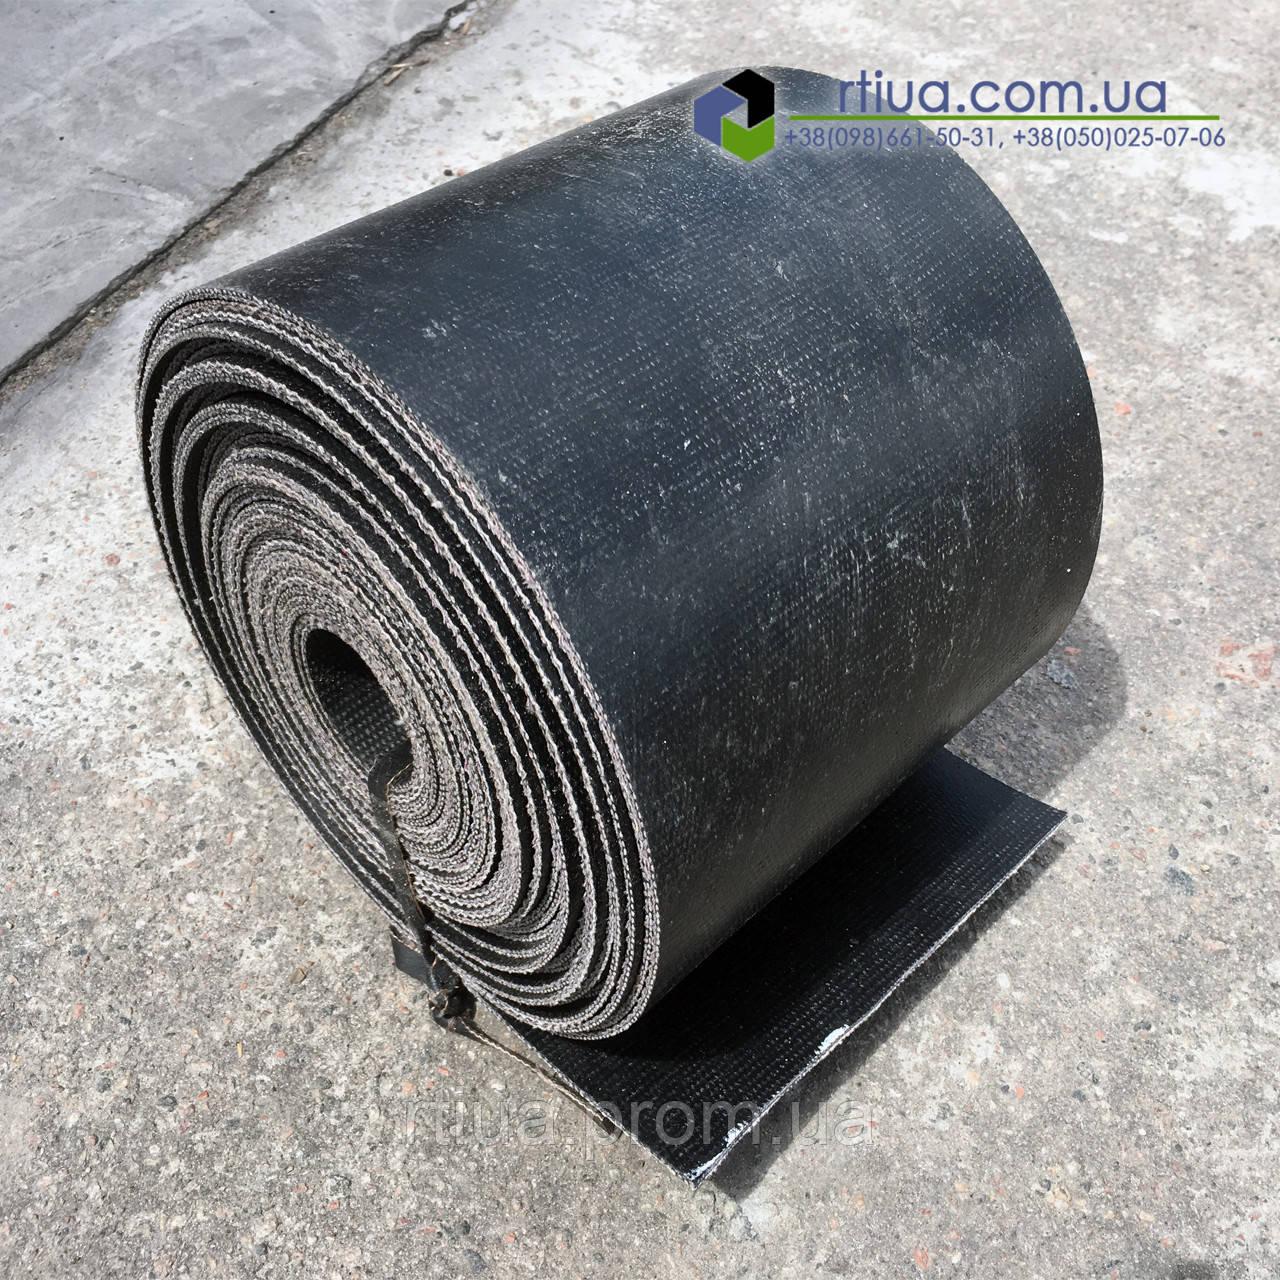 Транспортерная лента БКНЛ, 1400х3 - 2/0 (5 мм)